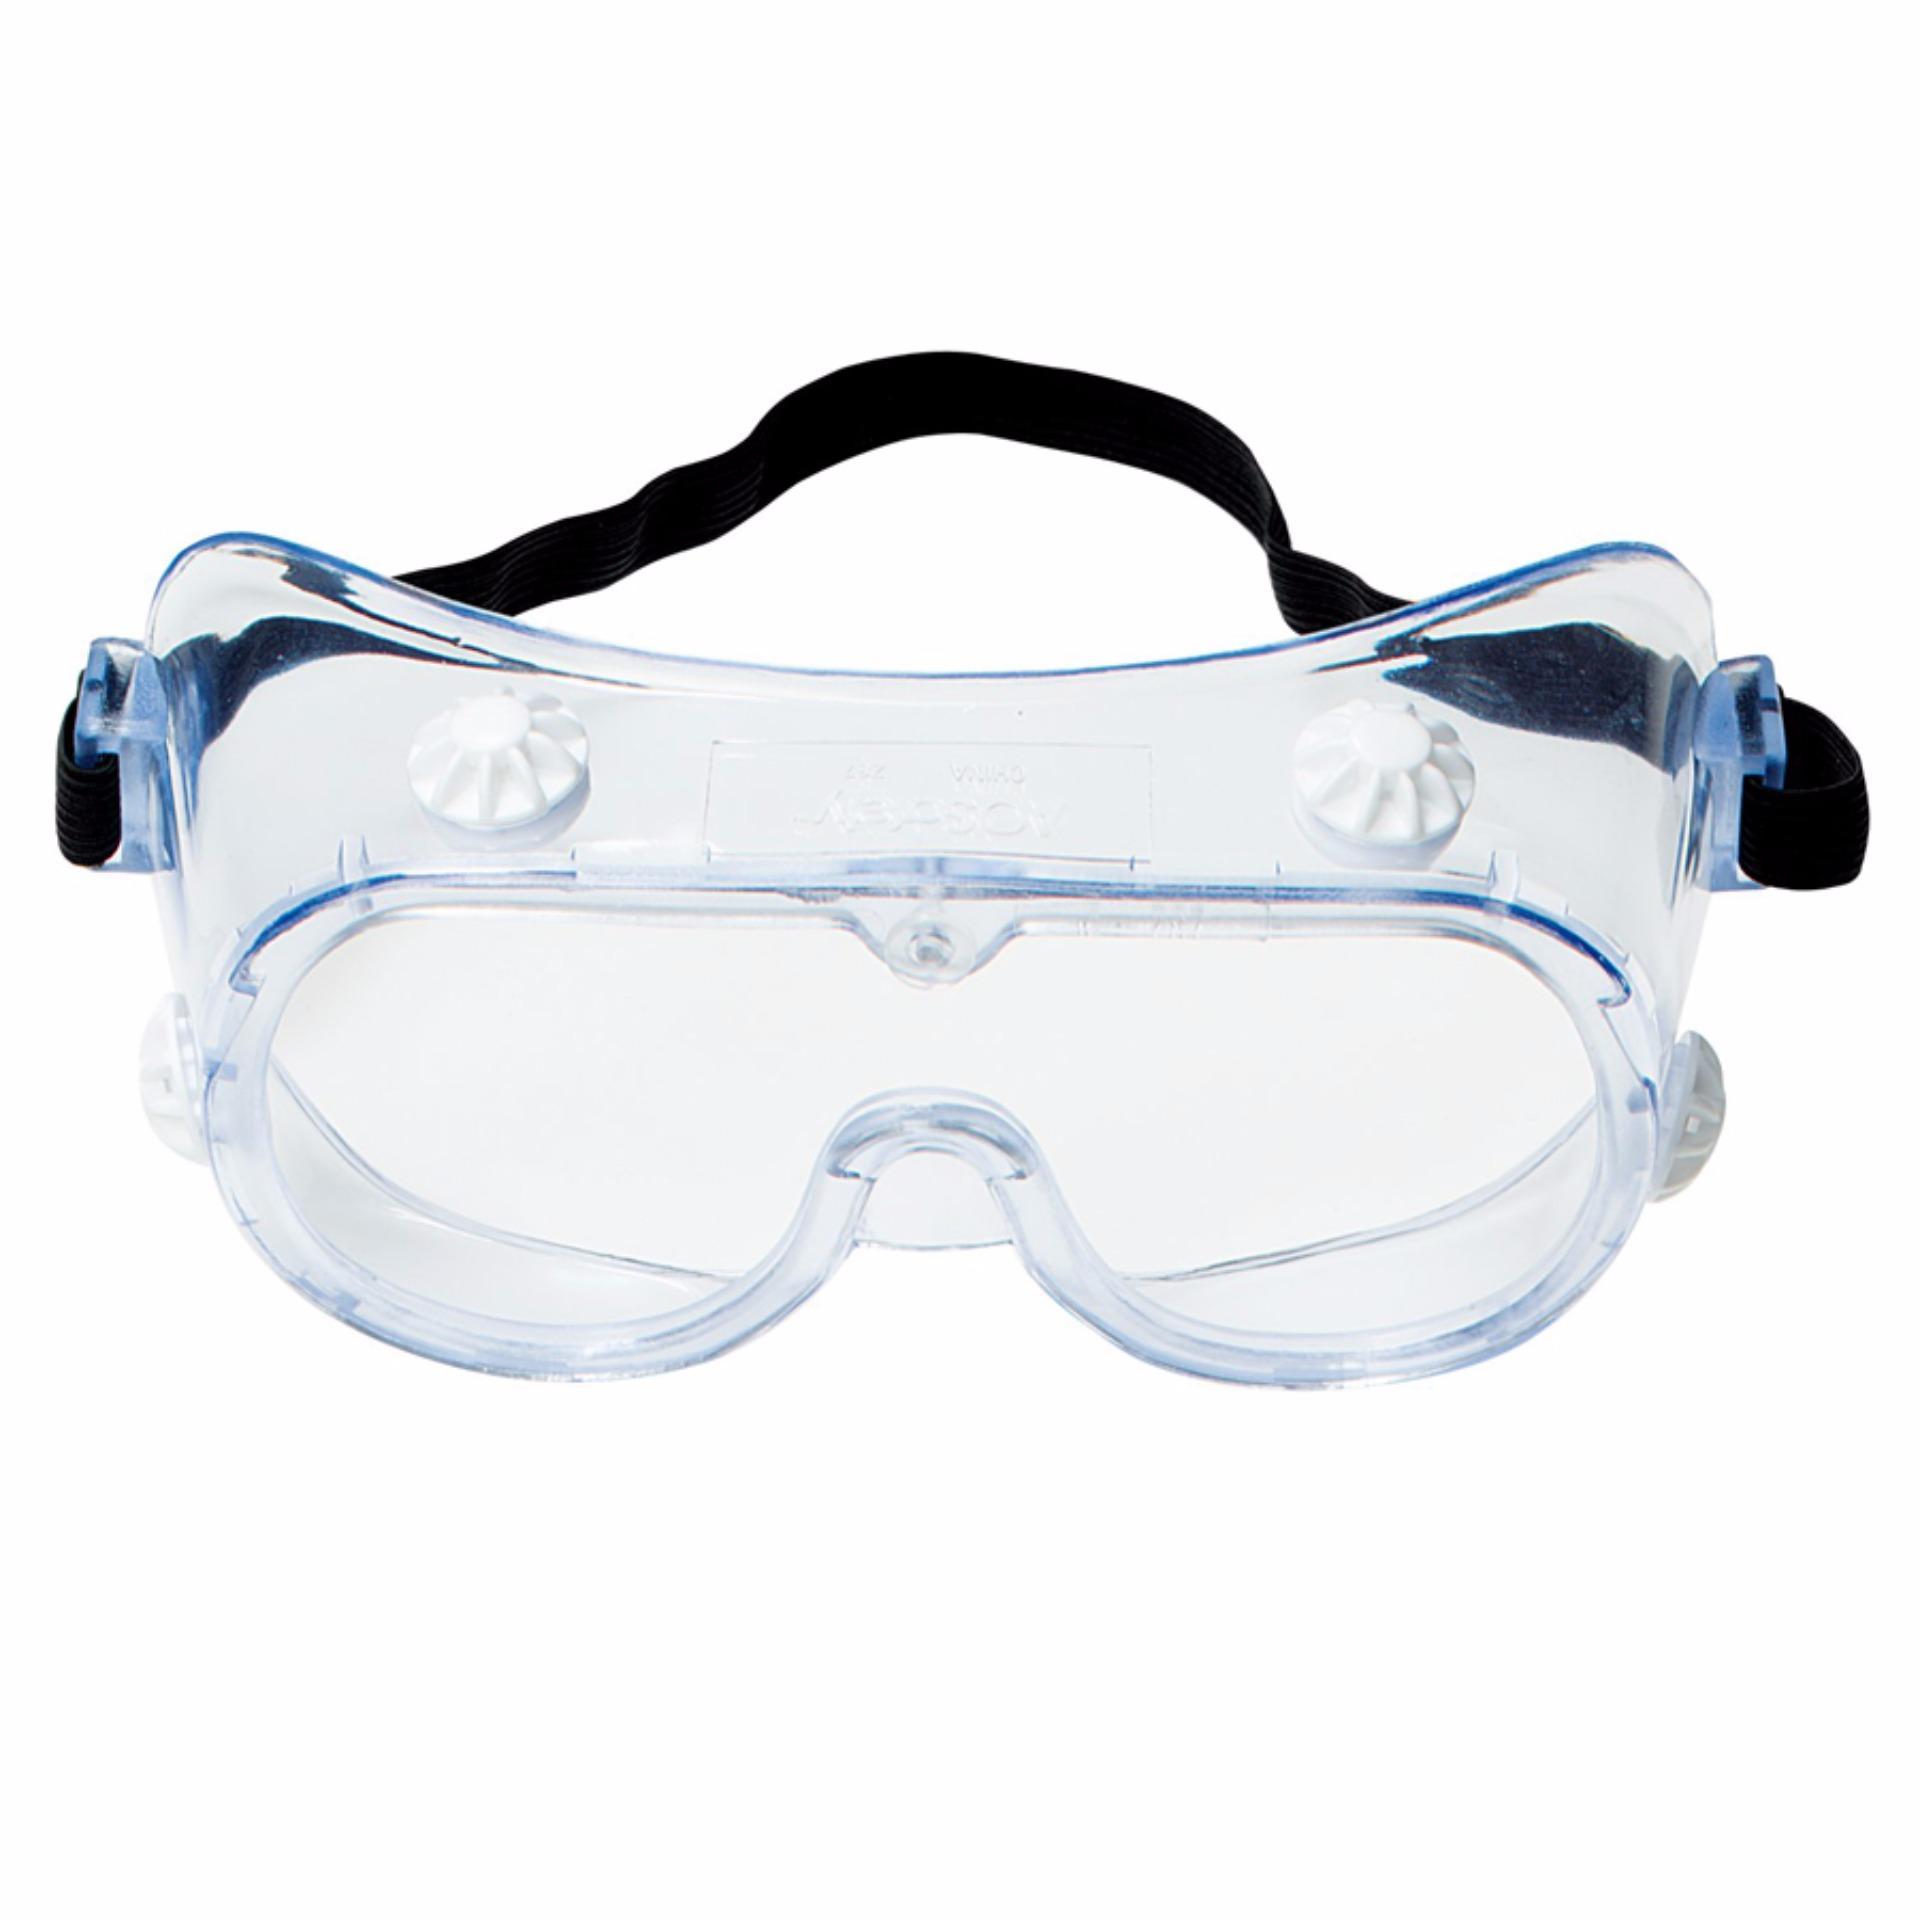 Kính bảo hộ chống hóa chất 3M 40660-00000-10 Splash Safety GogglesAnti-Fog Lens